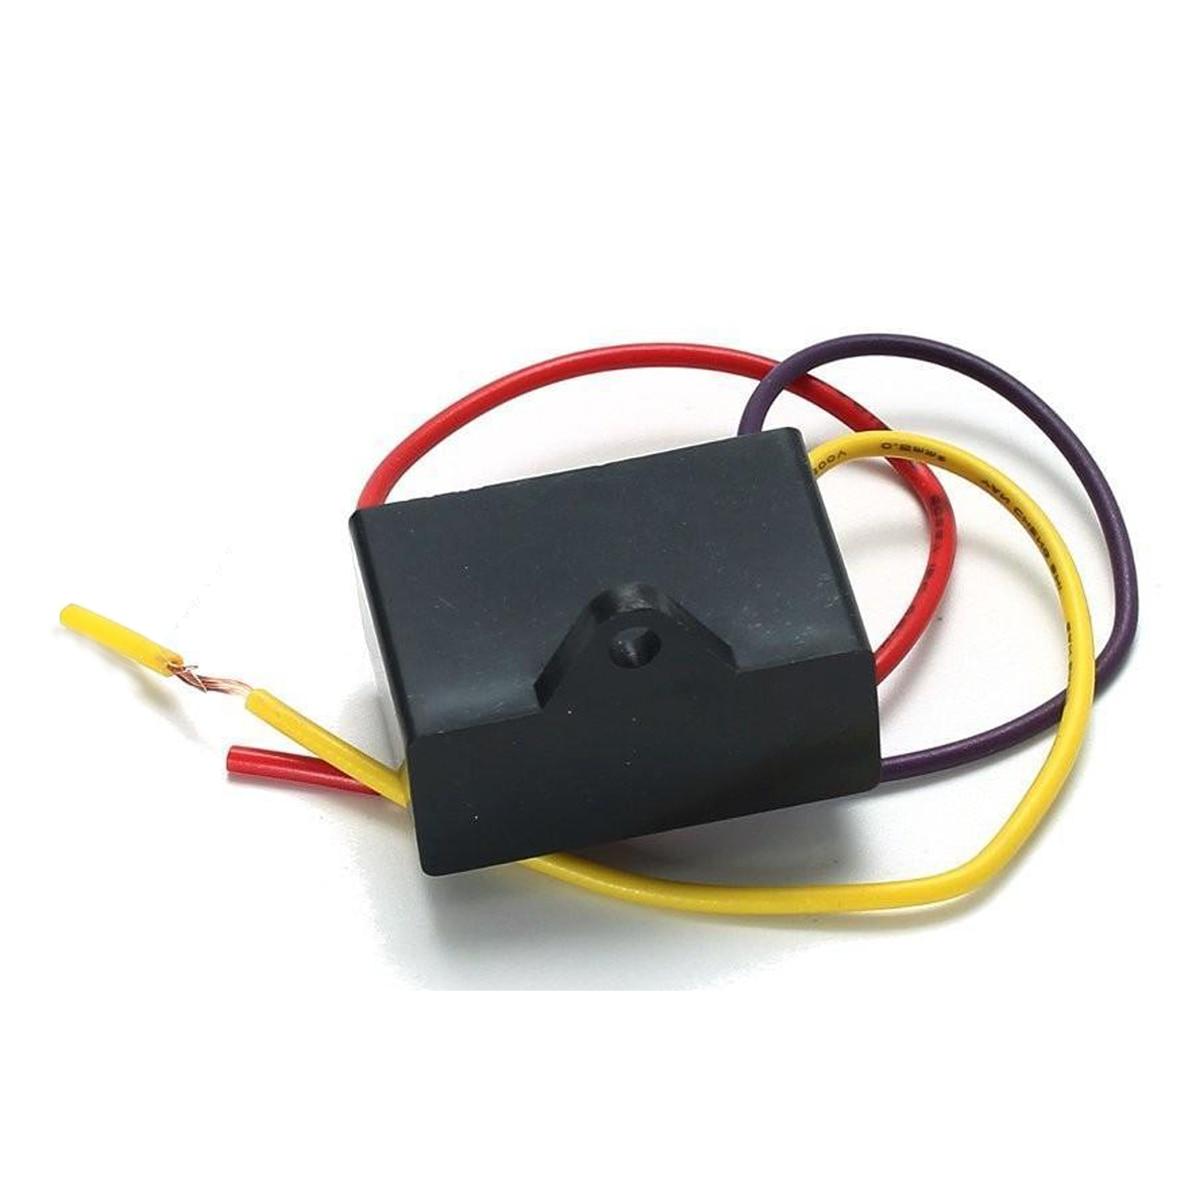 Ziemlich Smc Kondensator 3 Draht Bilder - Die Besten Elektrischen ...